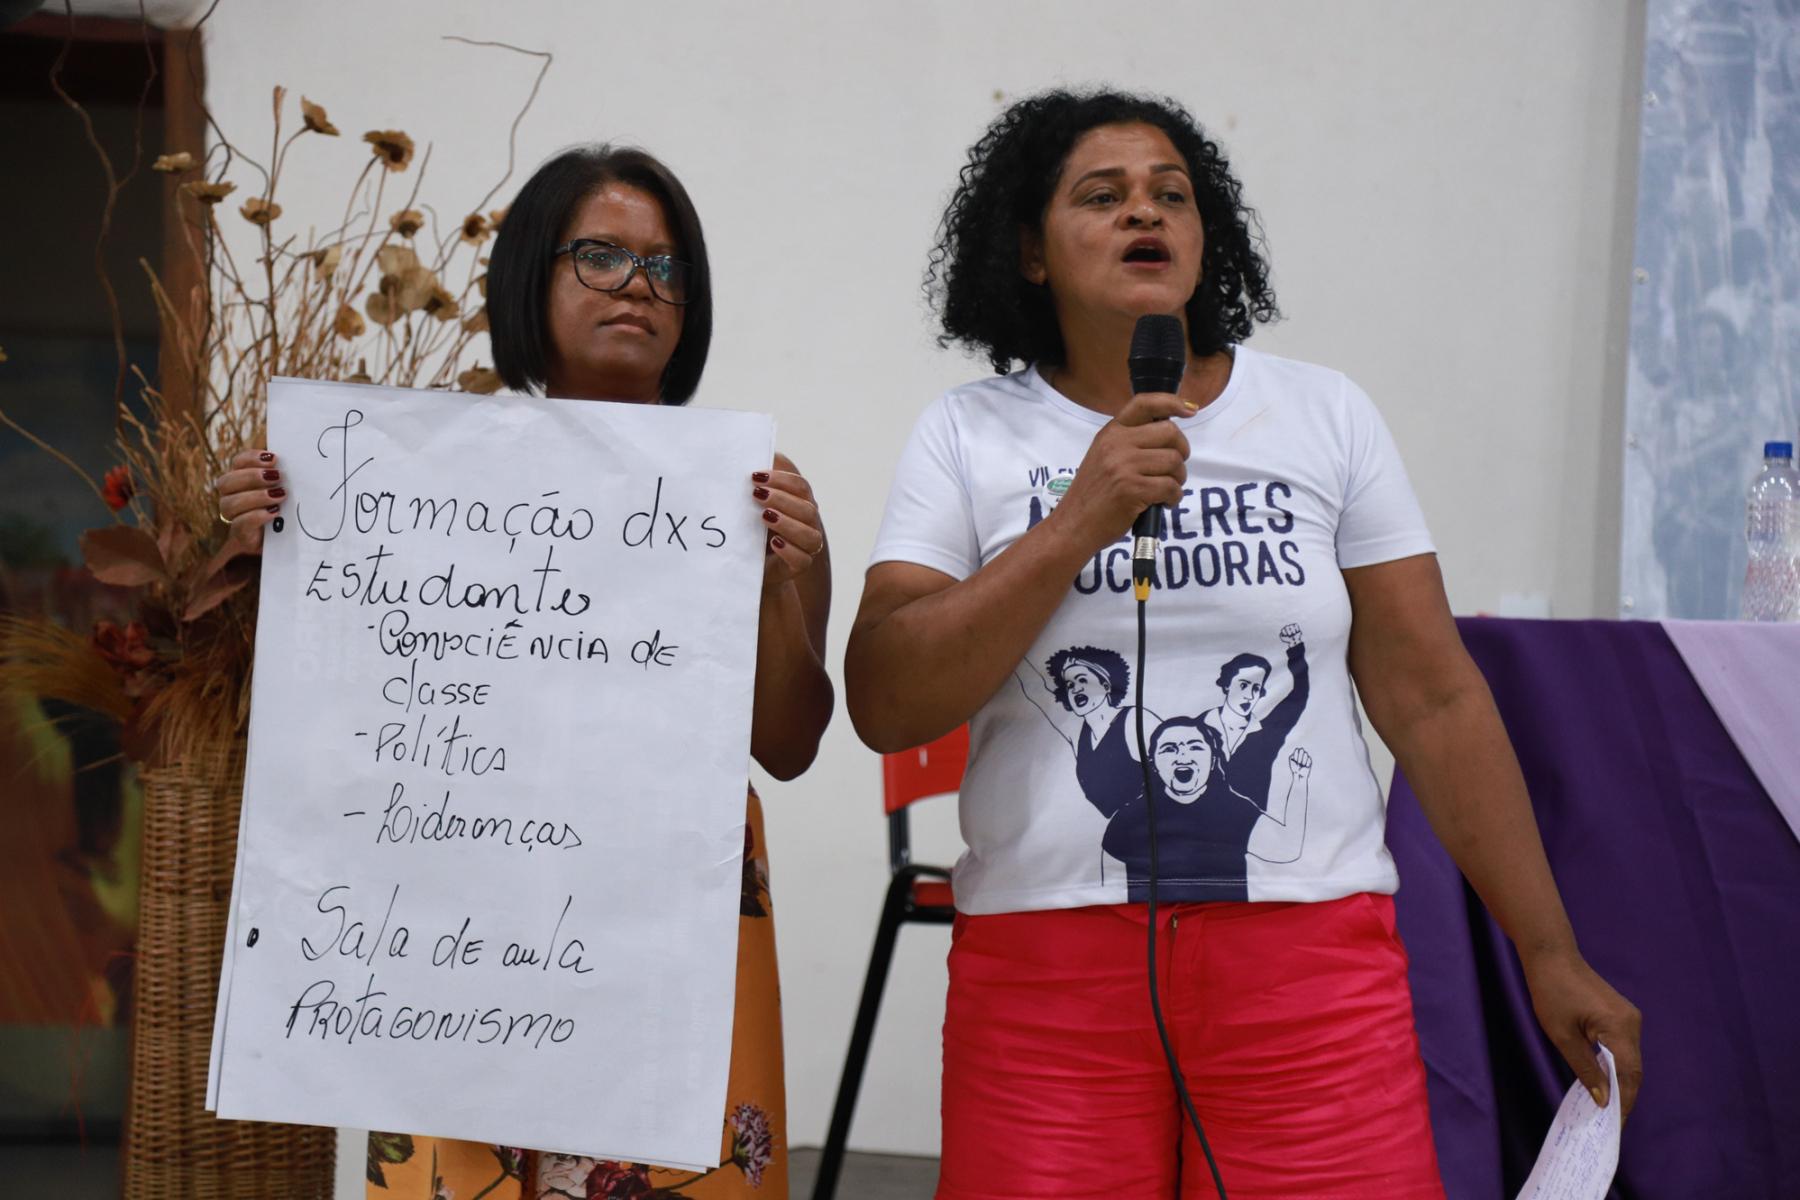 2019.04.27-VII-Encontro-de-Mulheres-Trabalhadoras_fotos-ECOM-139